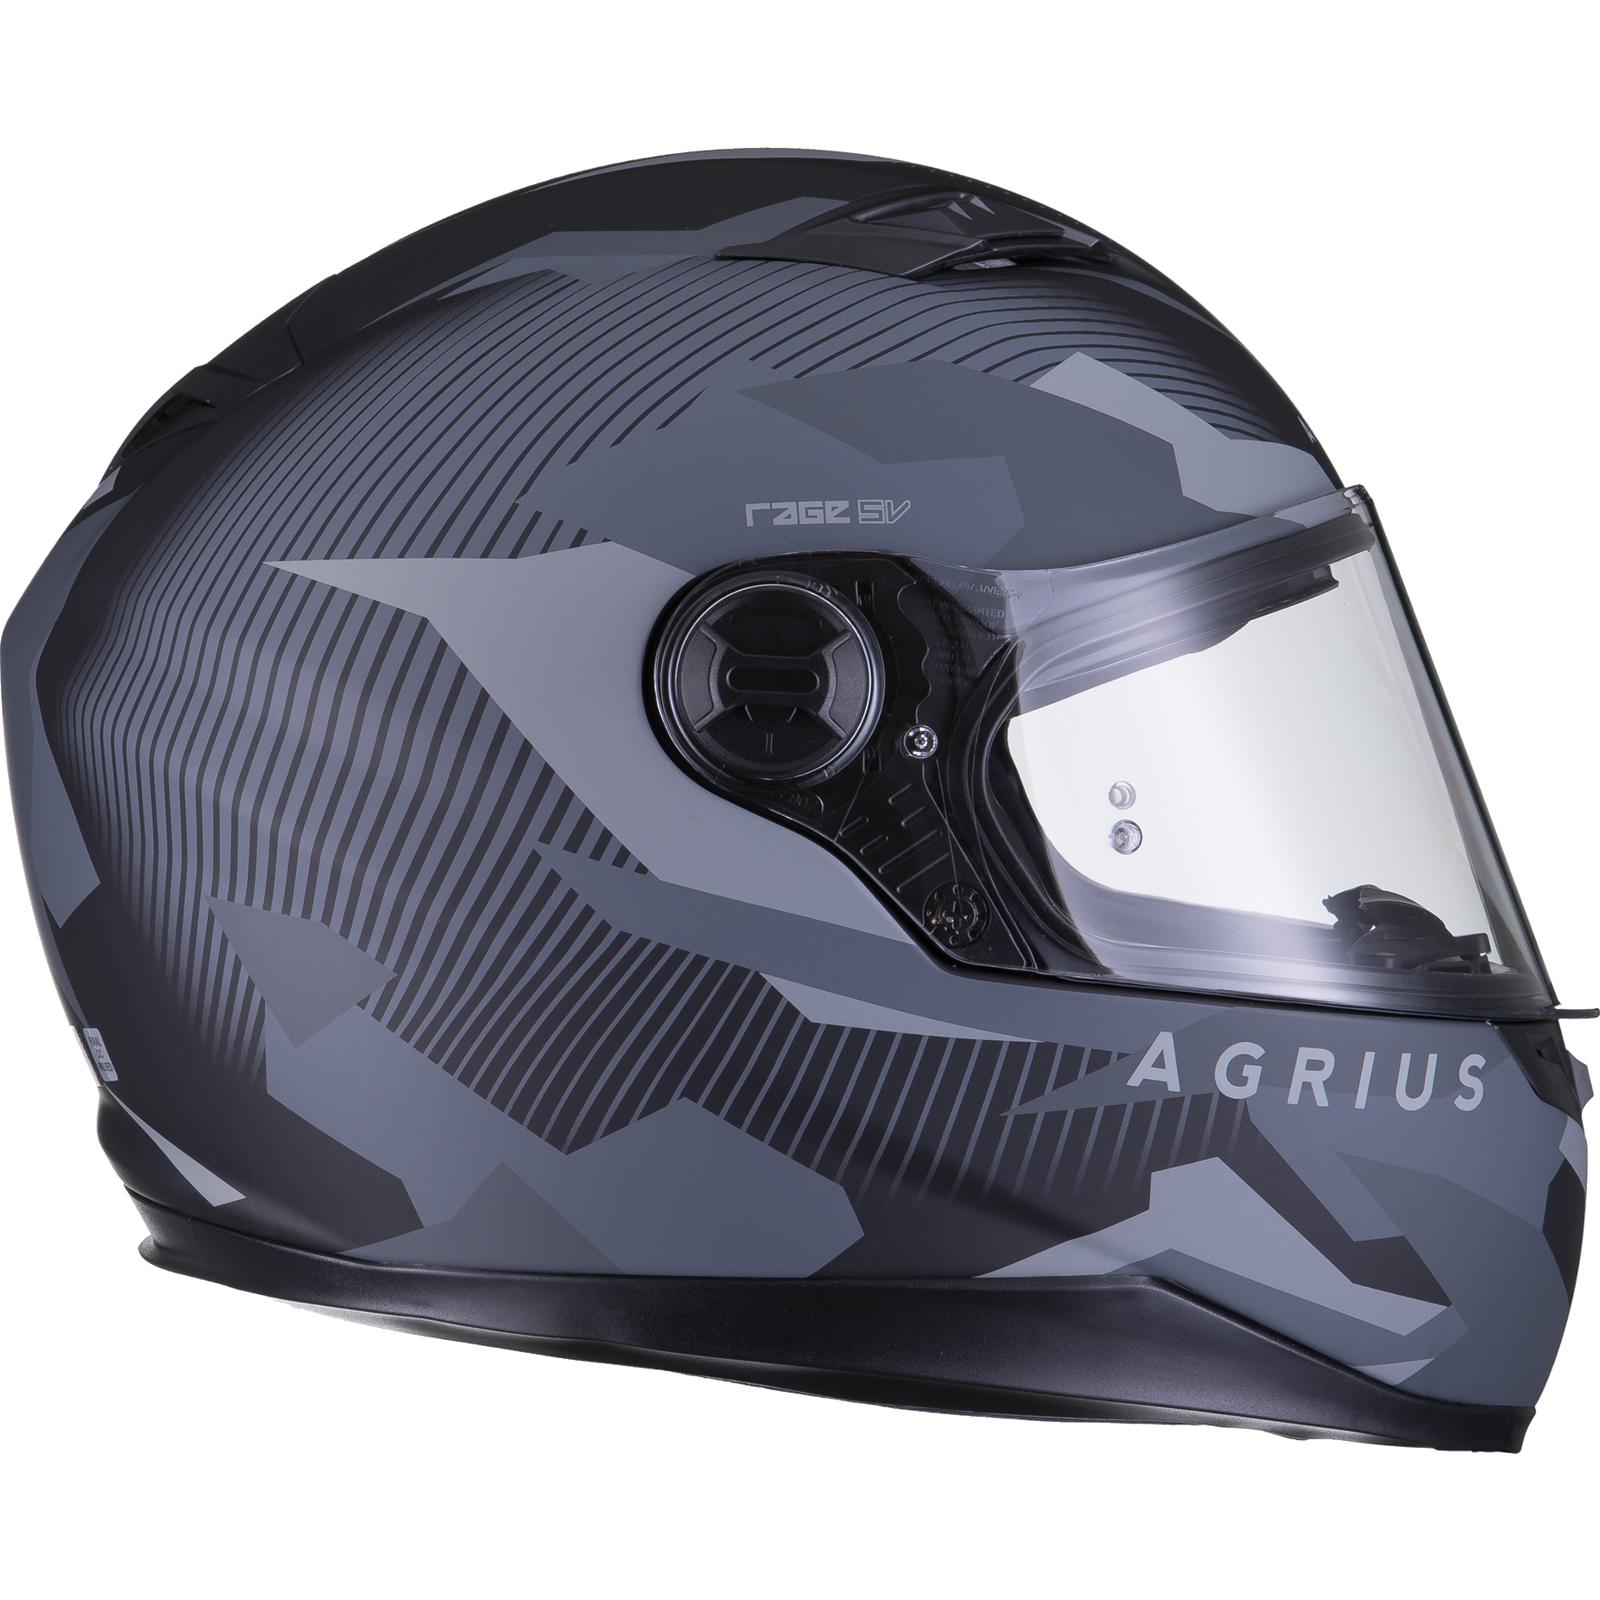 Agrius-Rage-SV-Tracker-Full-Face-Motorcycle-Matt-Helmet-bike-Road-Bike-Scooter thumbnail 23